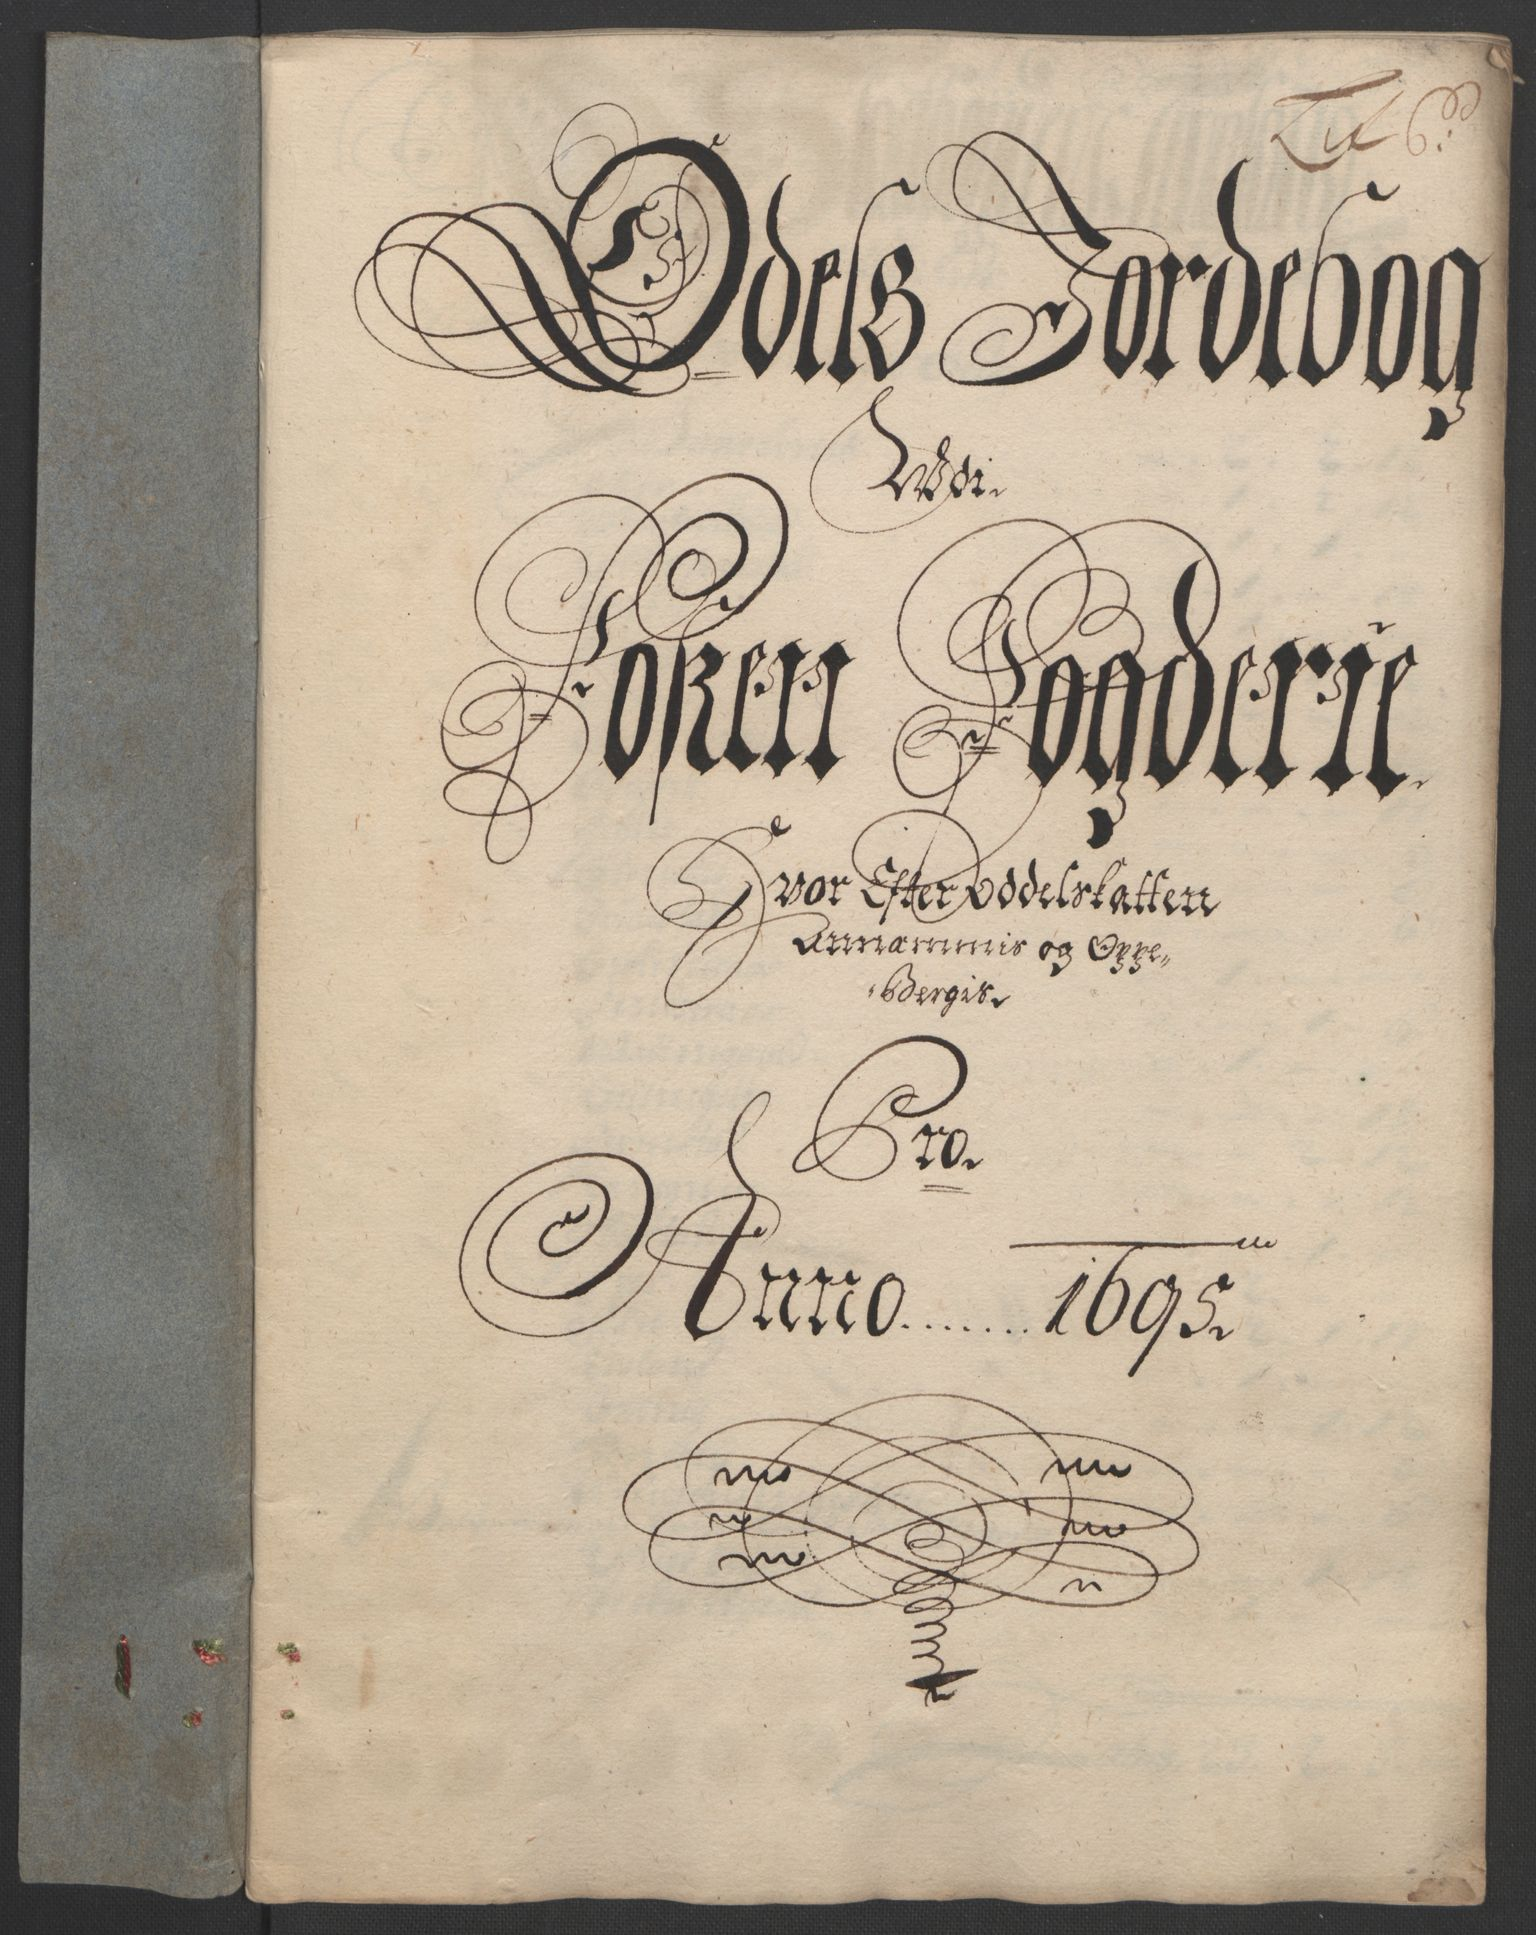 RA, Rentekammeret inntil 1814, Reviderte regnskaper, Fogderegnskap, R57/L3851: Fogderegnskap Fosen, 1695-1696, s. 85